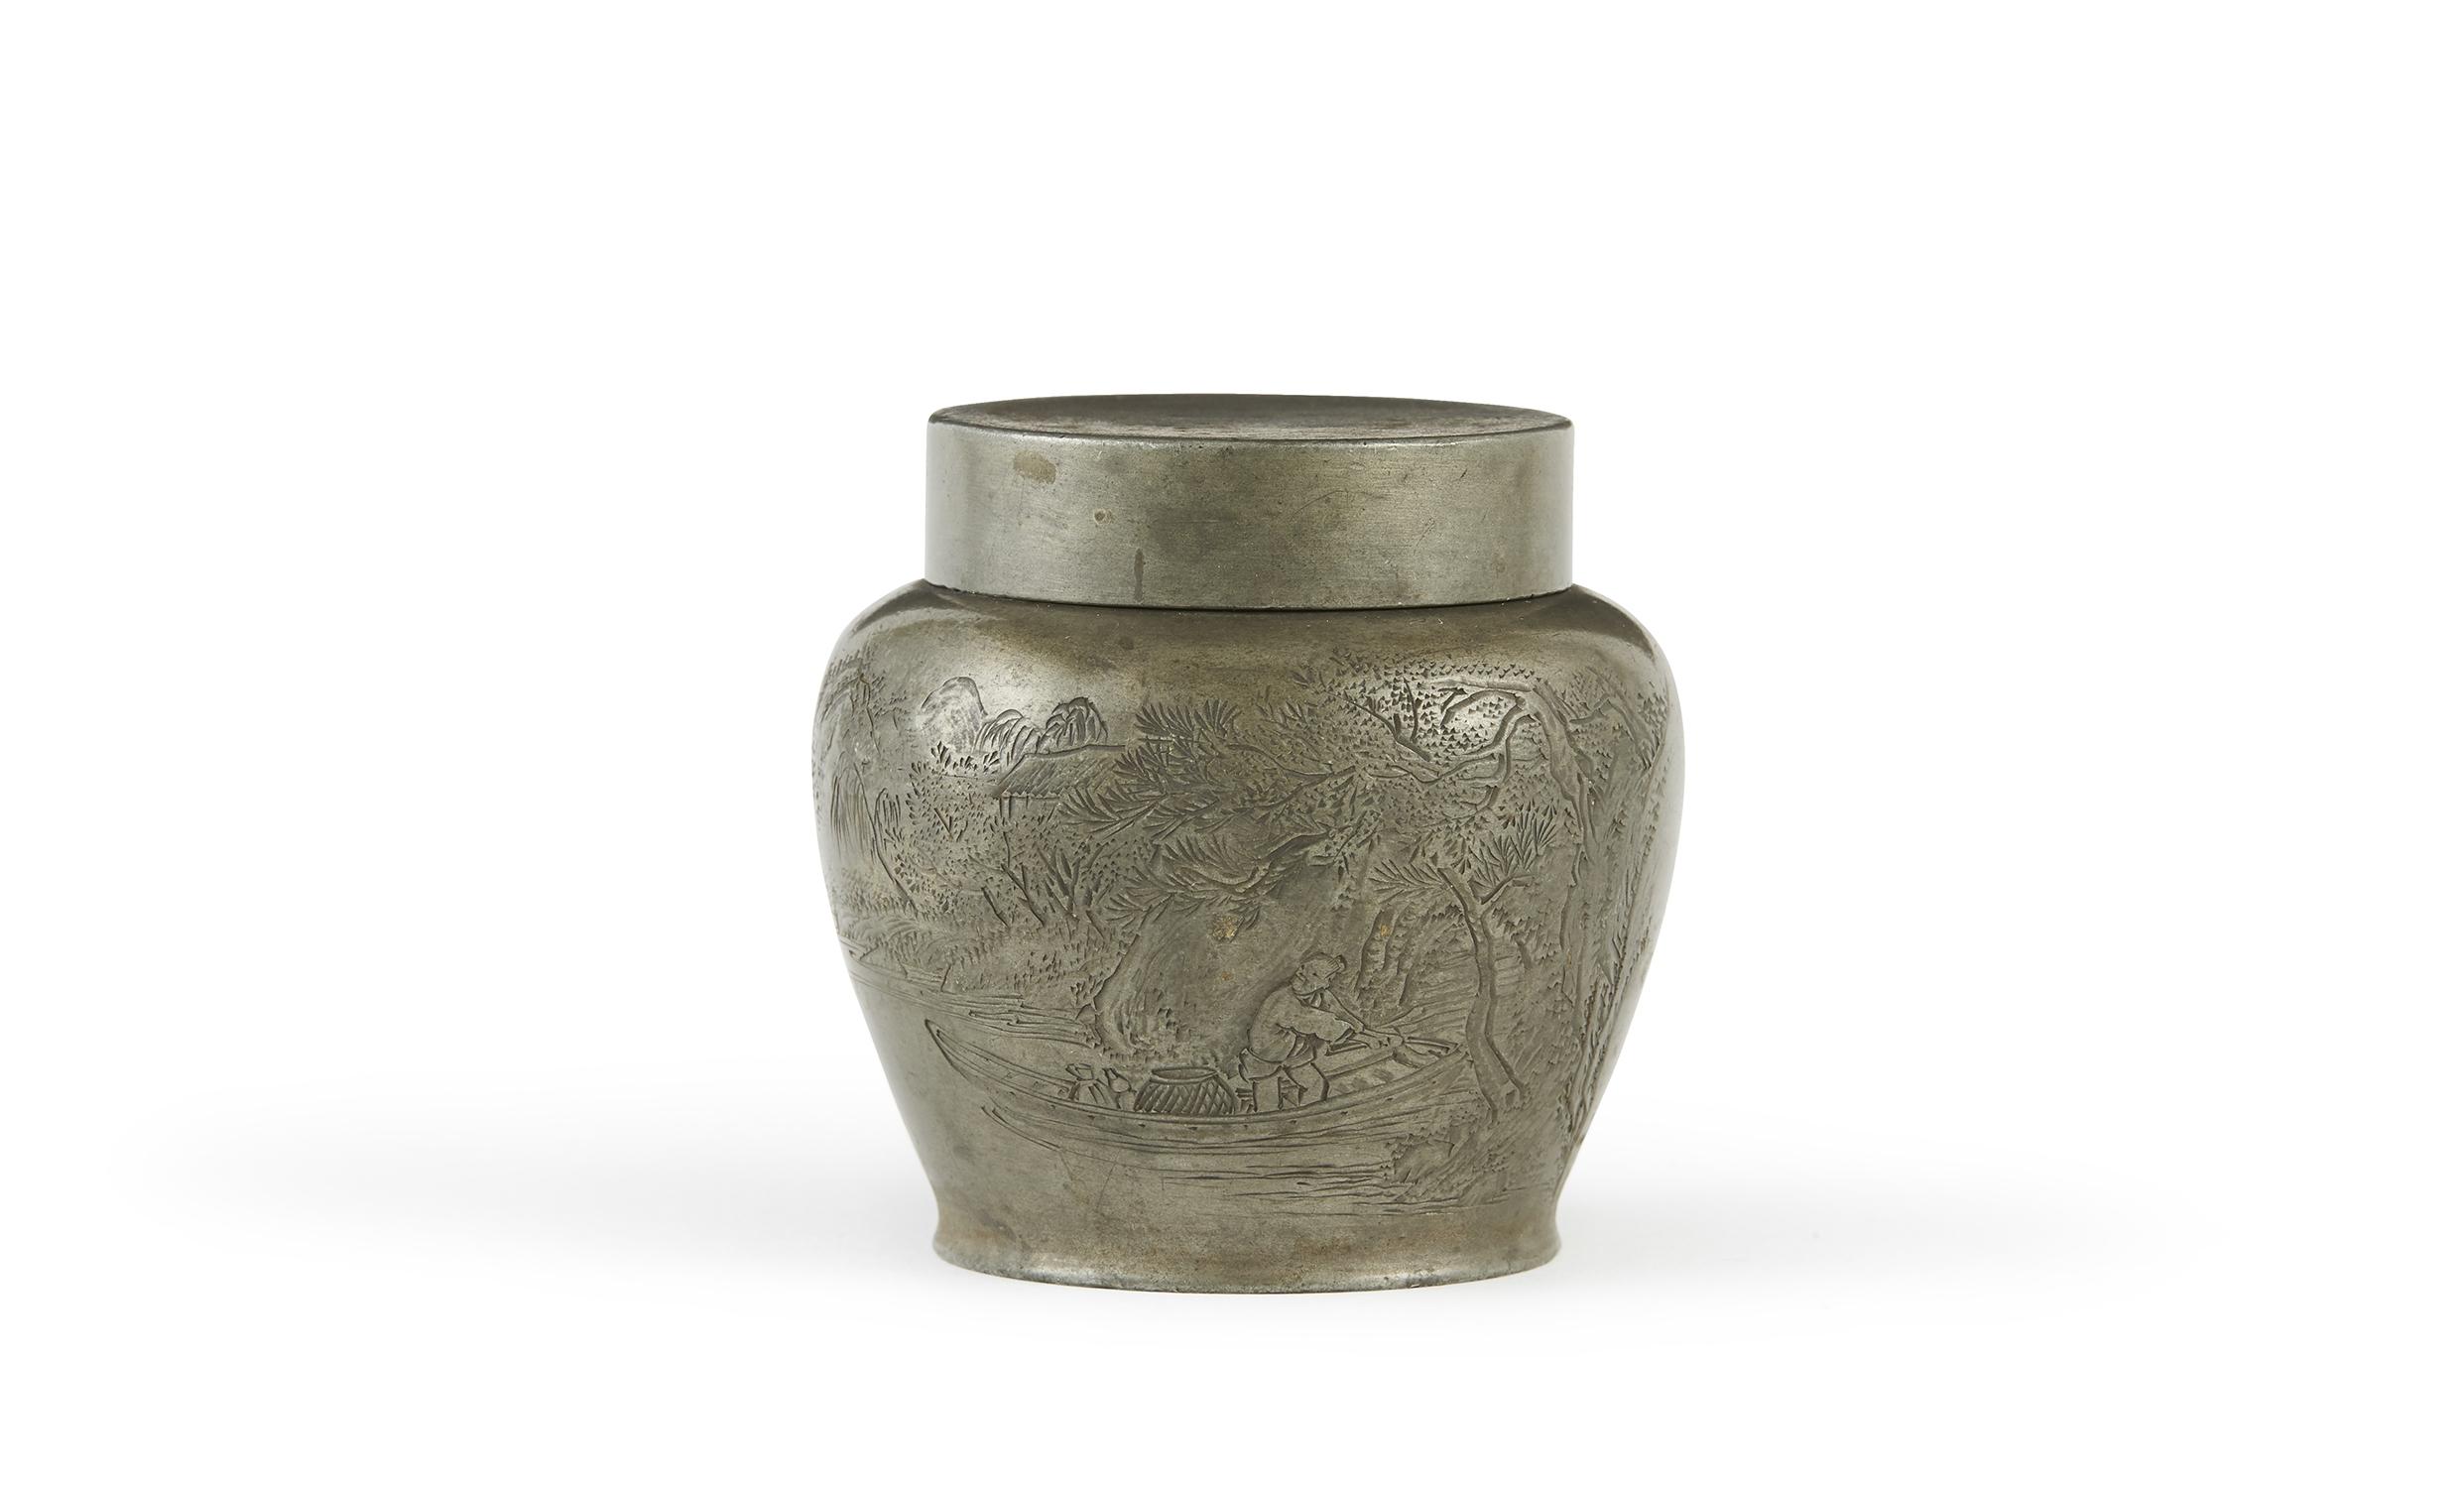 170632清 「沈存周」造 錫刻 舟人物詩文紋 茶缸